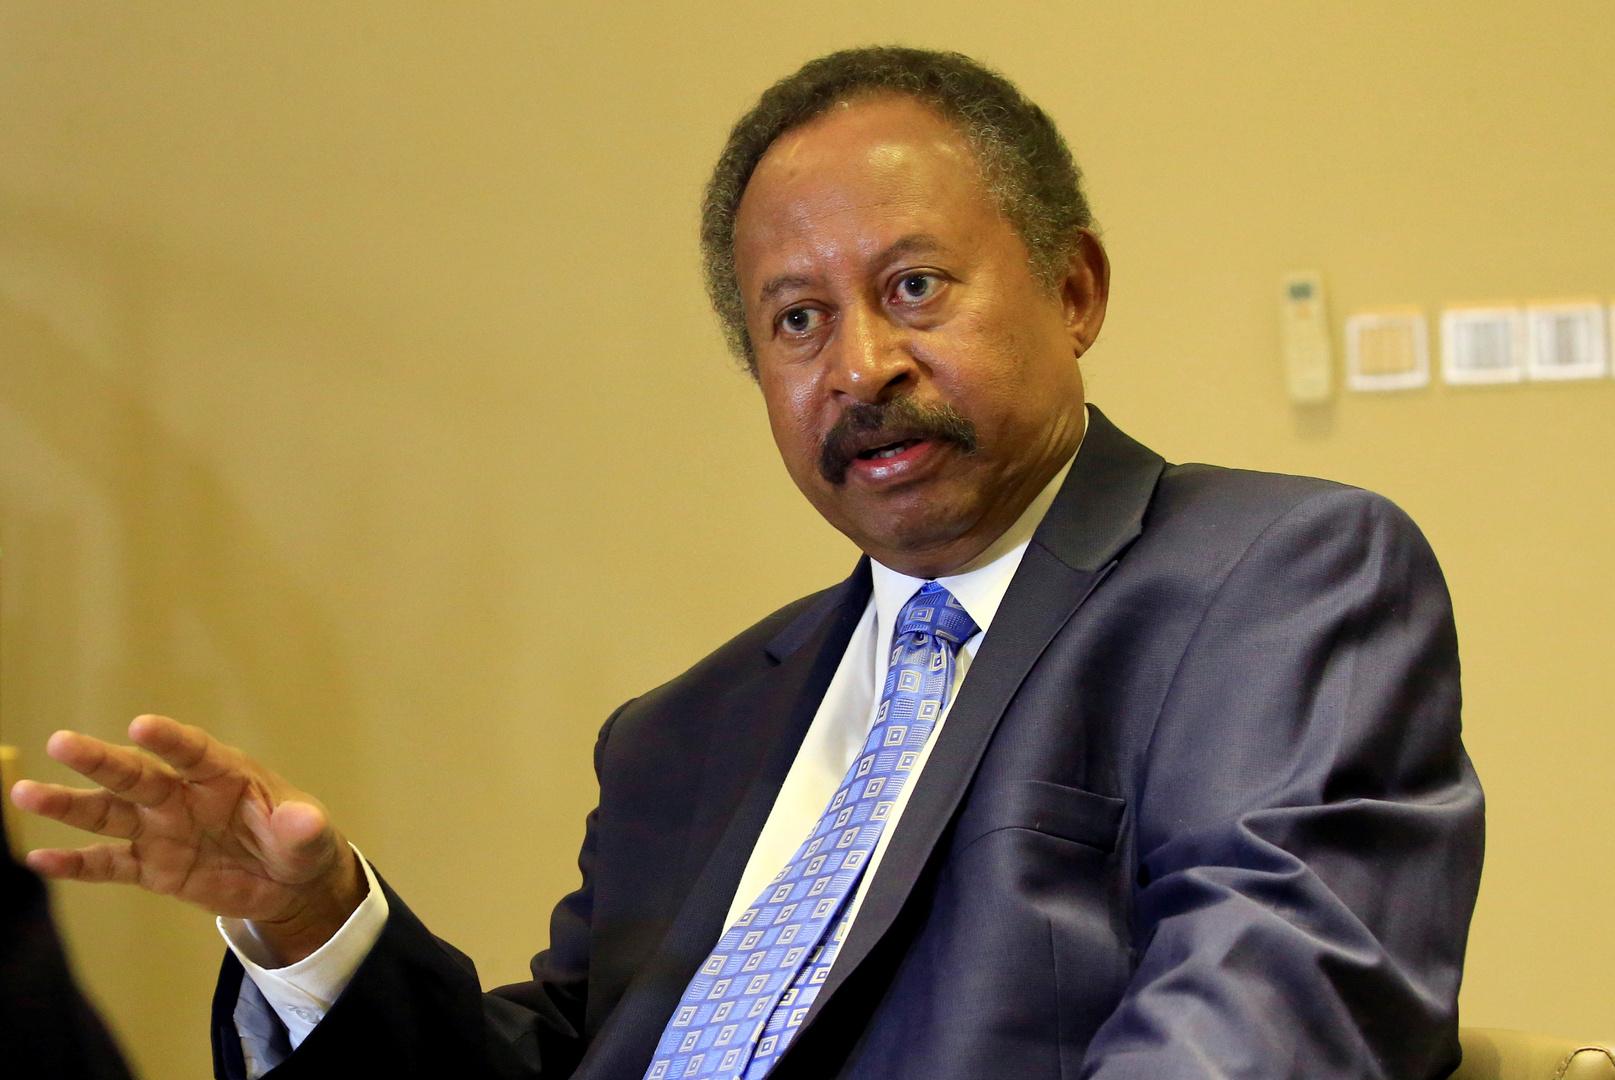 عبدالله حمدوك، رئيس وزراء السودان